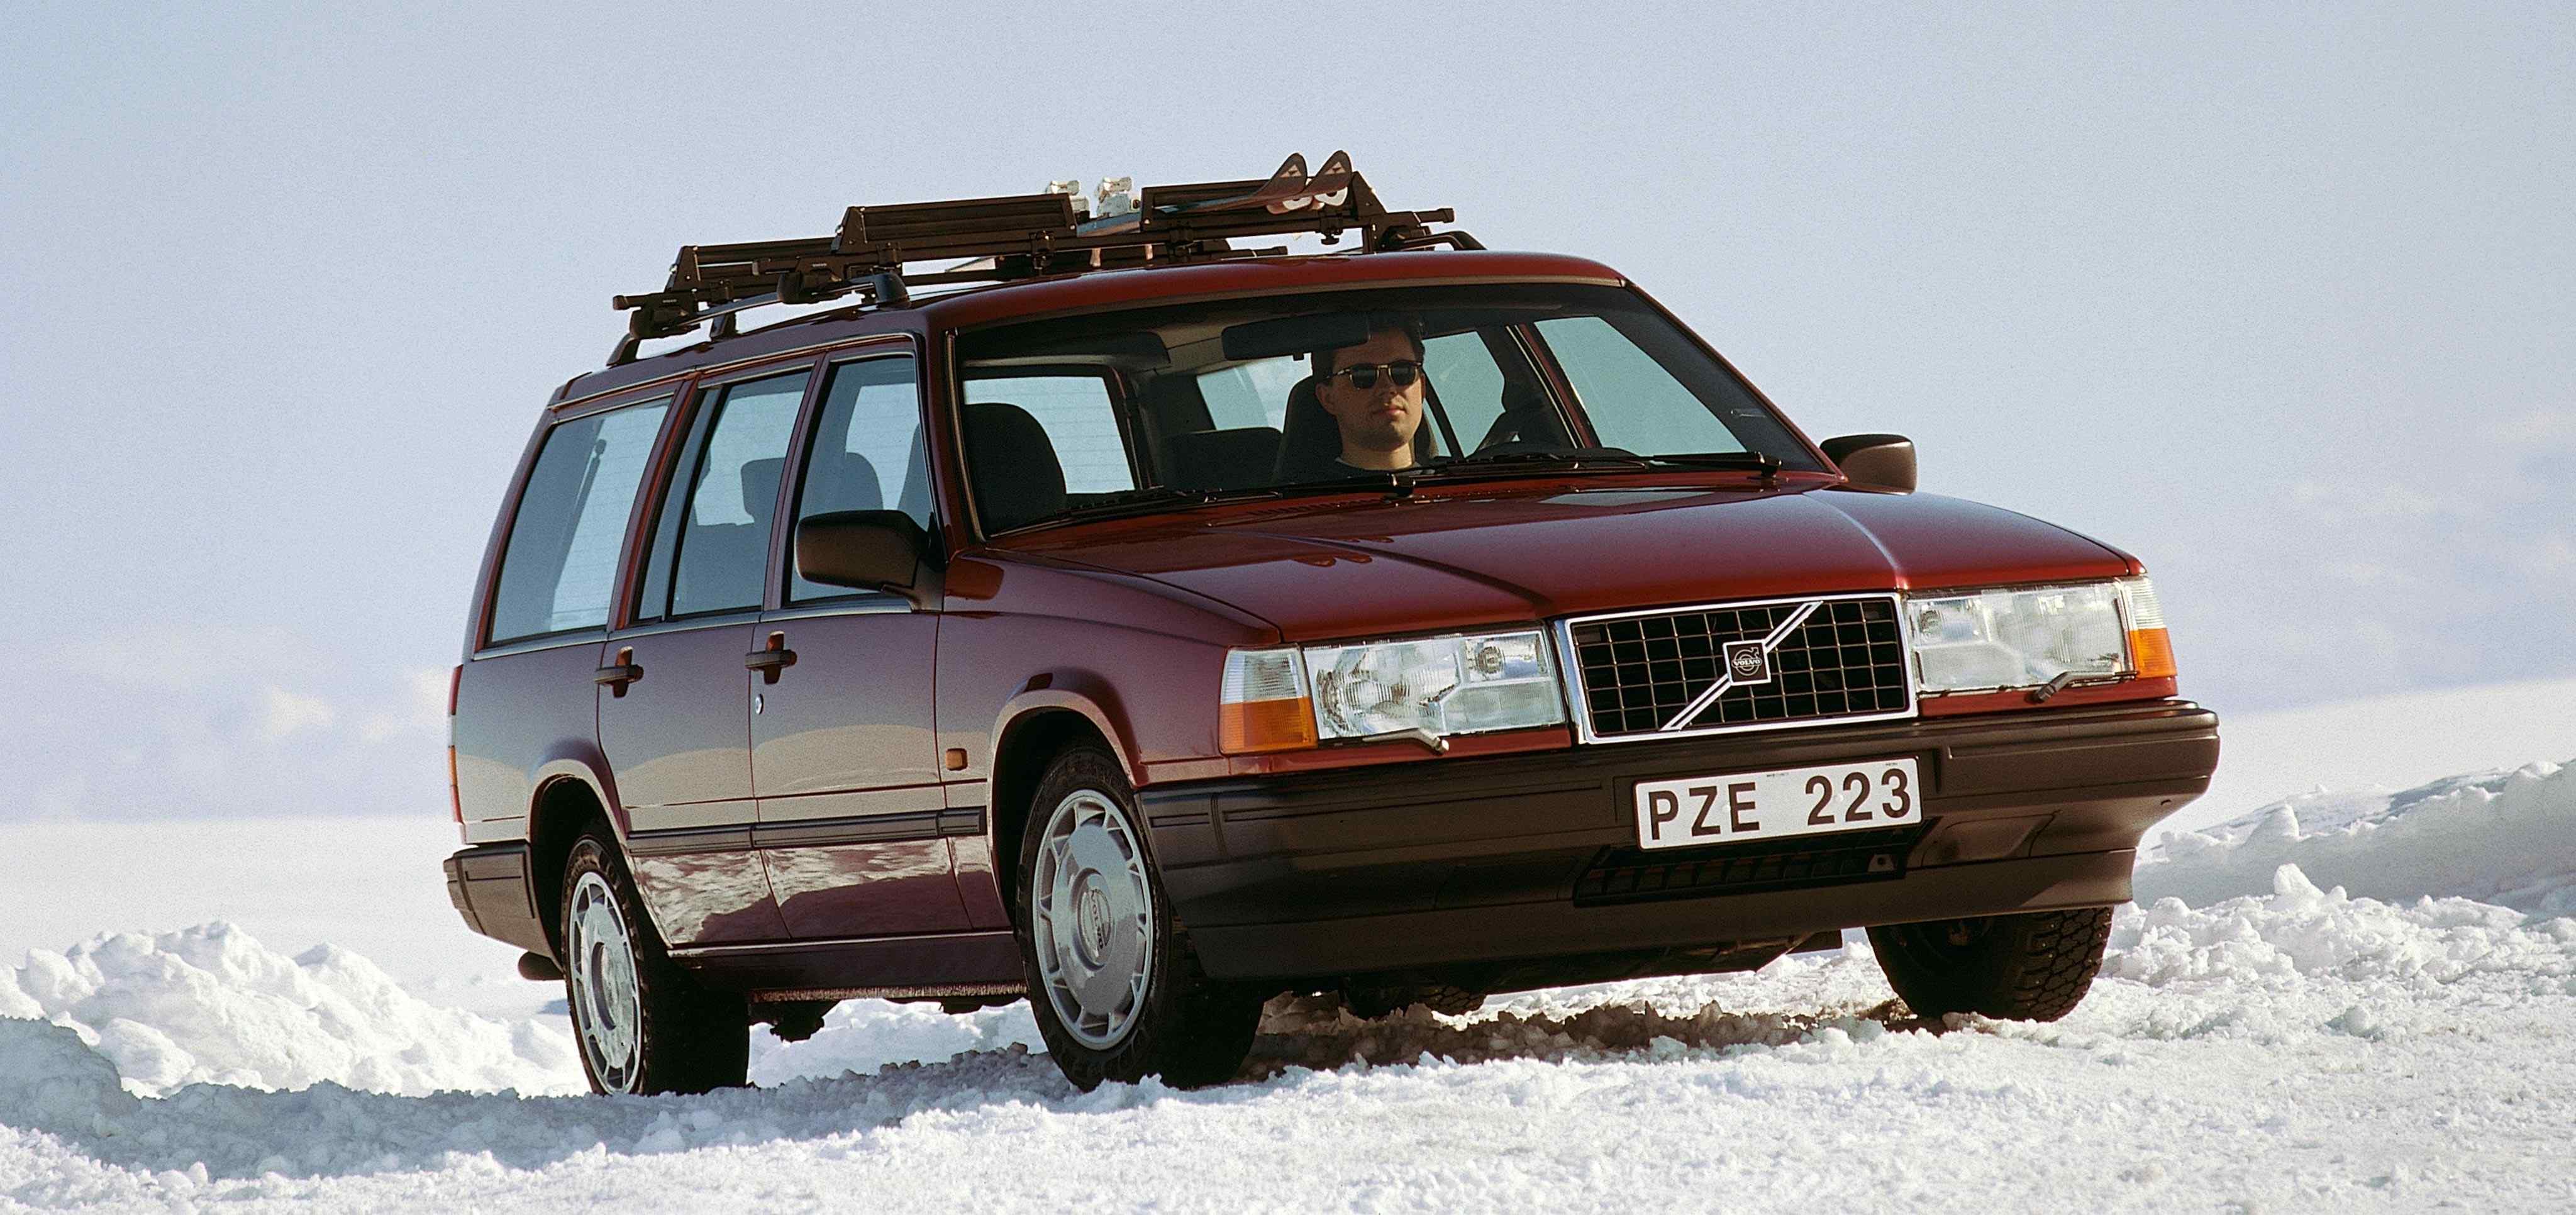 Un Volvo 940 estate color rojo burgundy  siendo conducido por una carretera cubierta de nieve